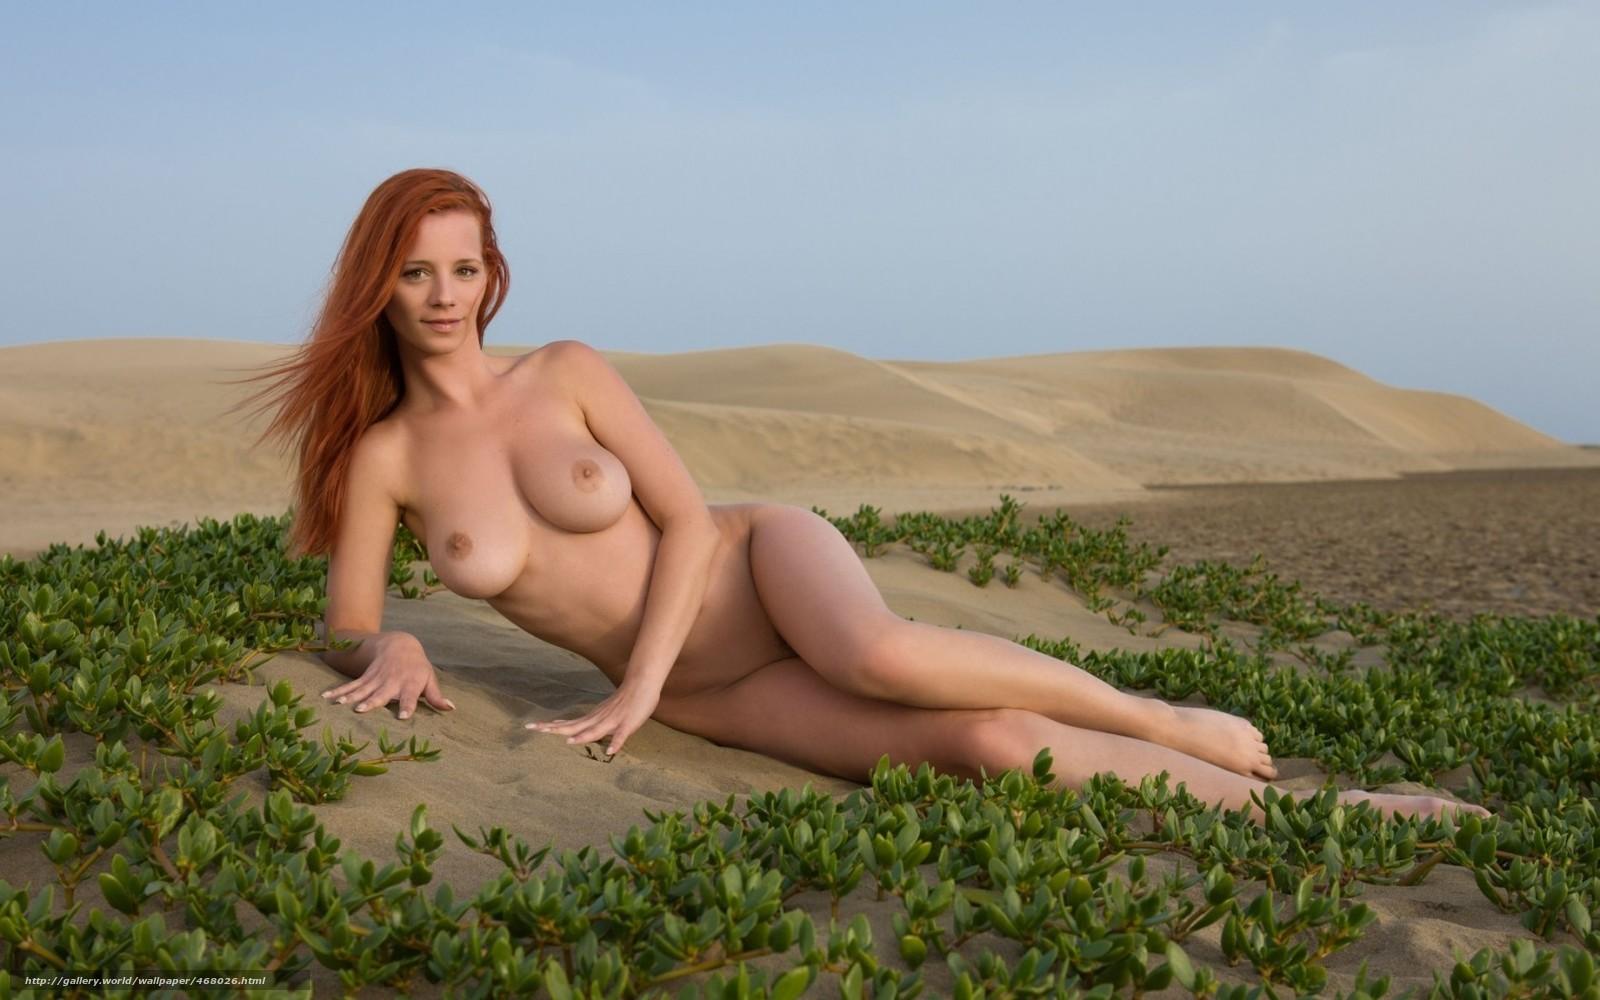 Фото для рабочего столатолько голые девки в большом формате 9 фотография